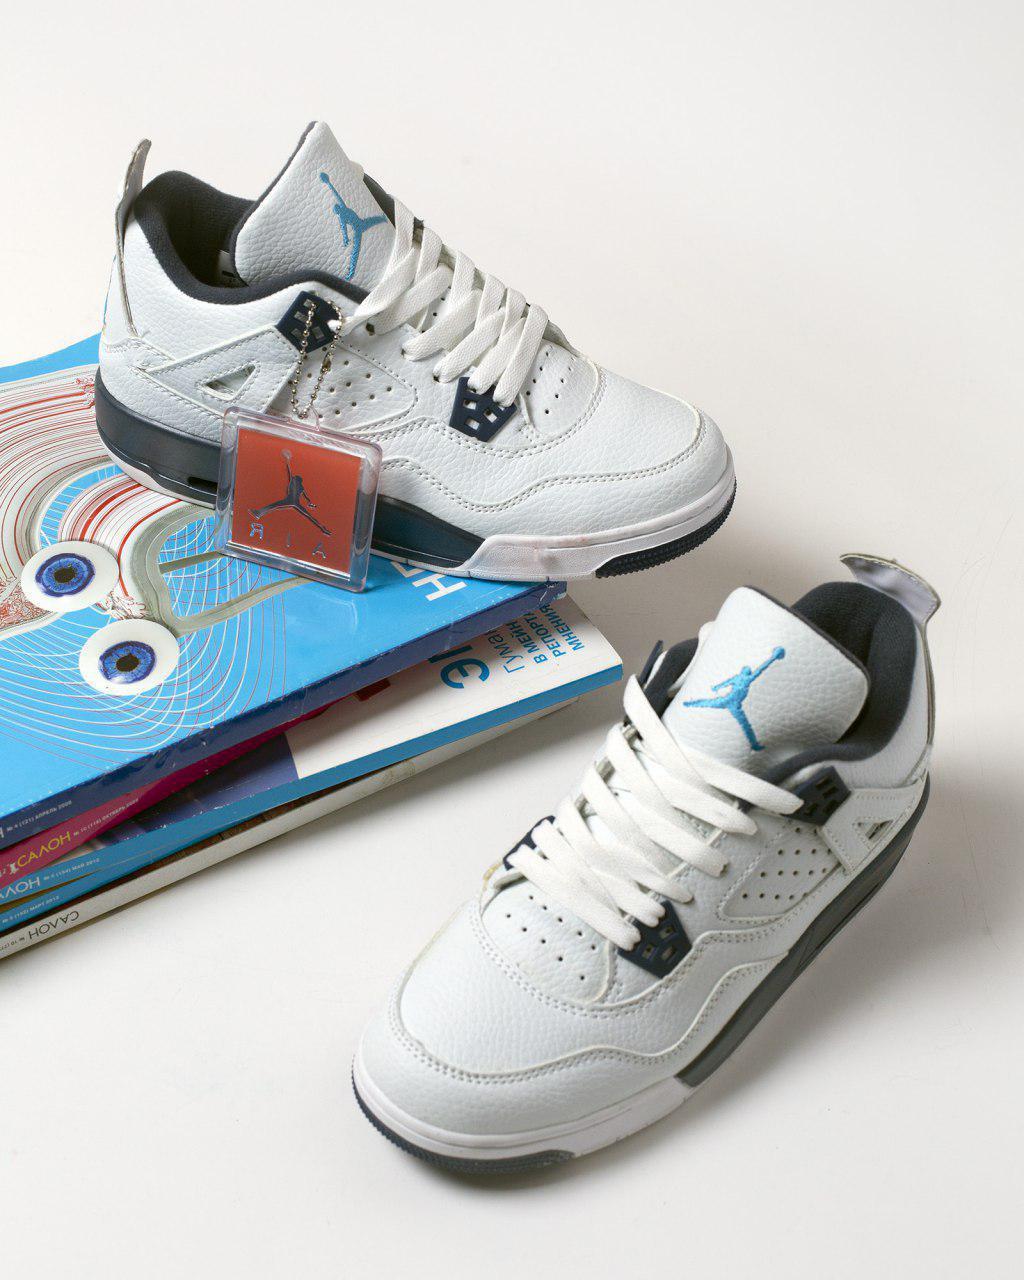 98f8f45b6900 NIke Air Jordan 4 Retro Legend Blue   женские кроссовки  белые  кожаные